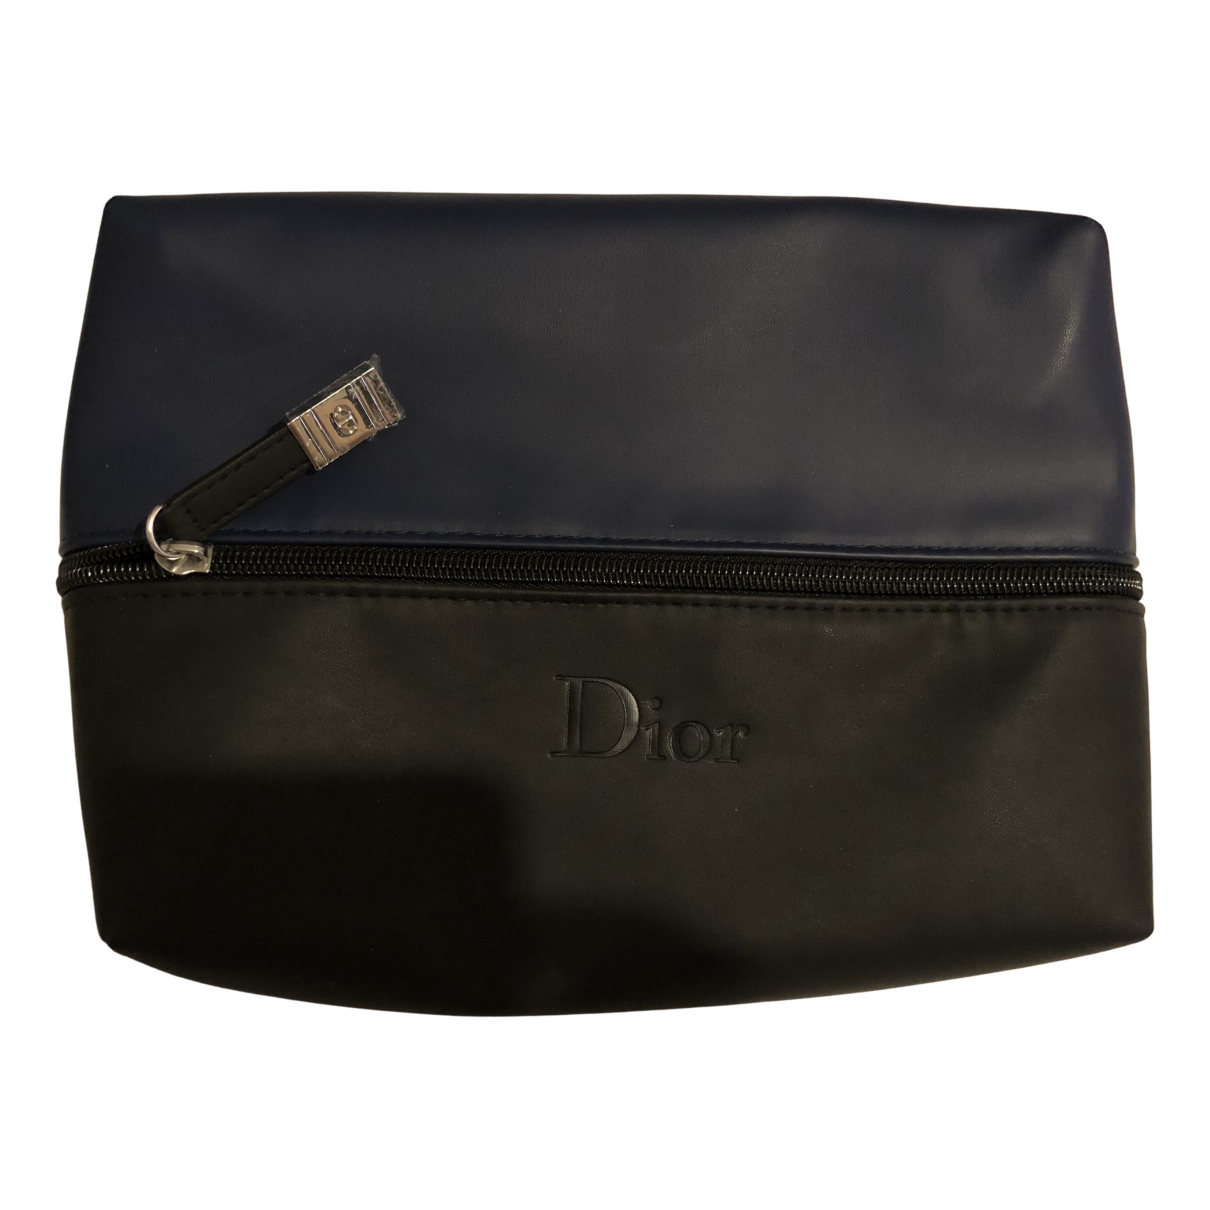 Dior N Black Small bag, wallet & cases for Men N